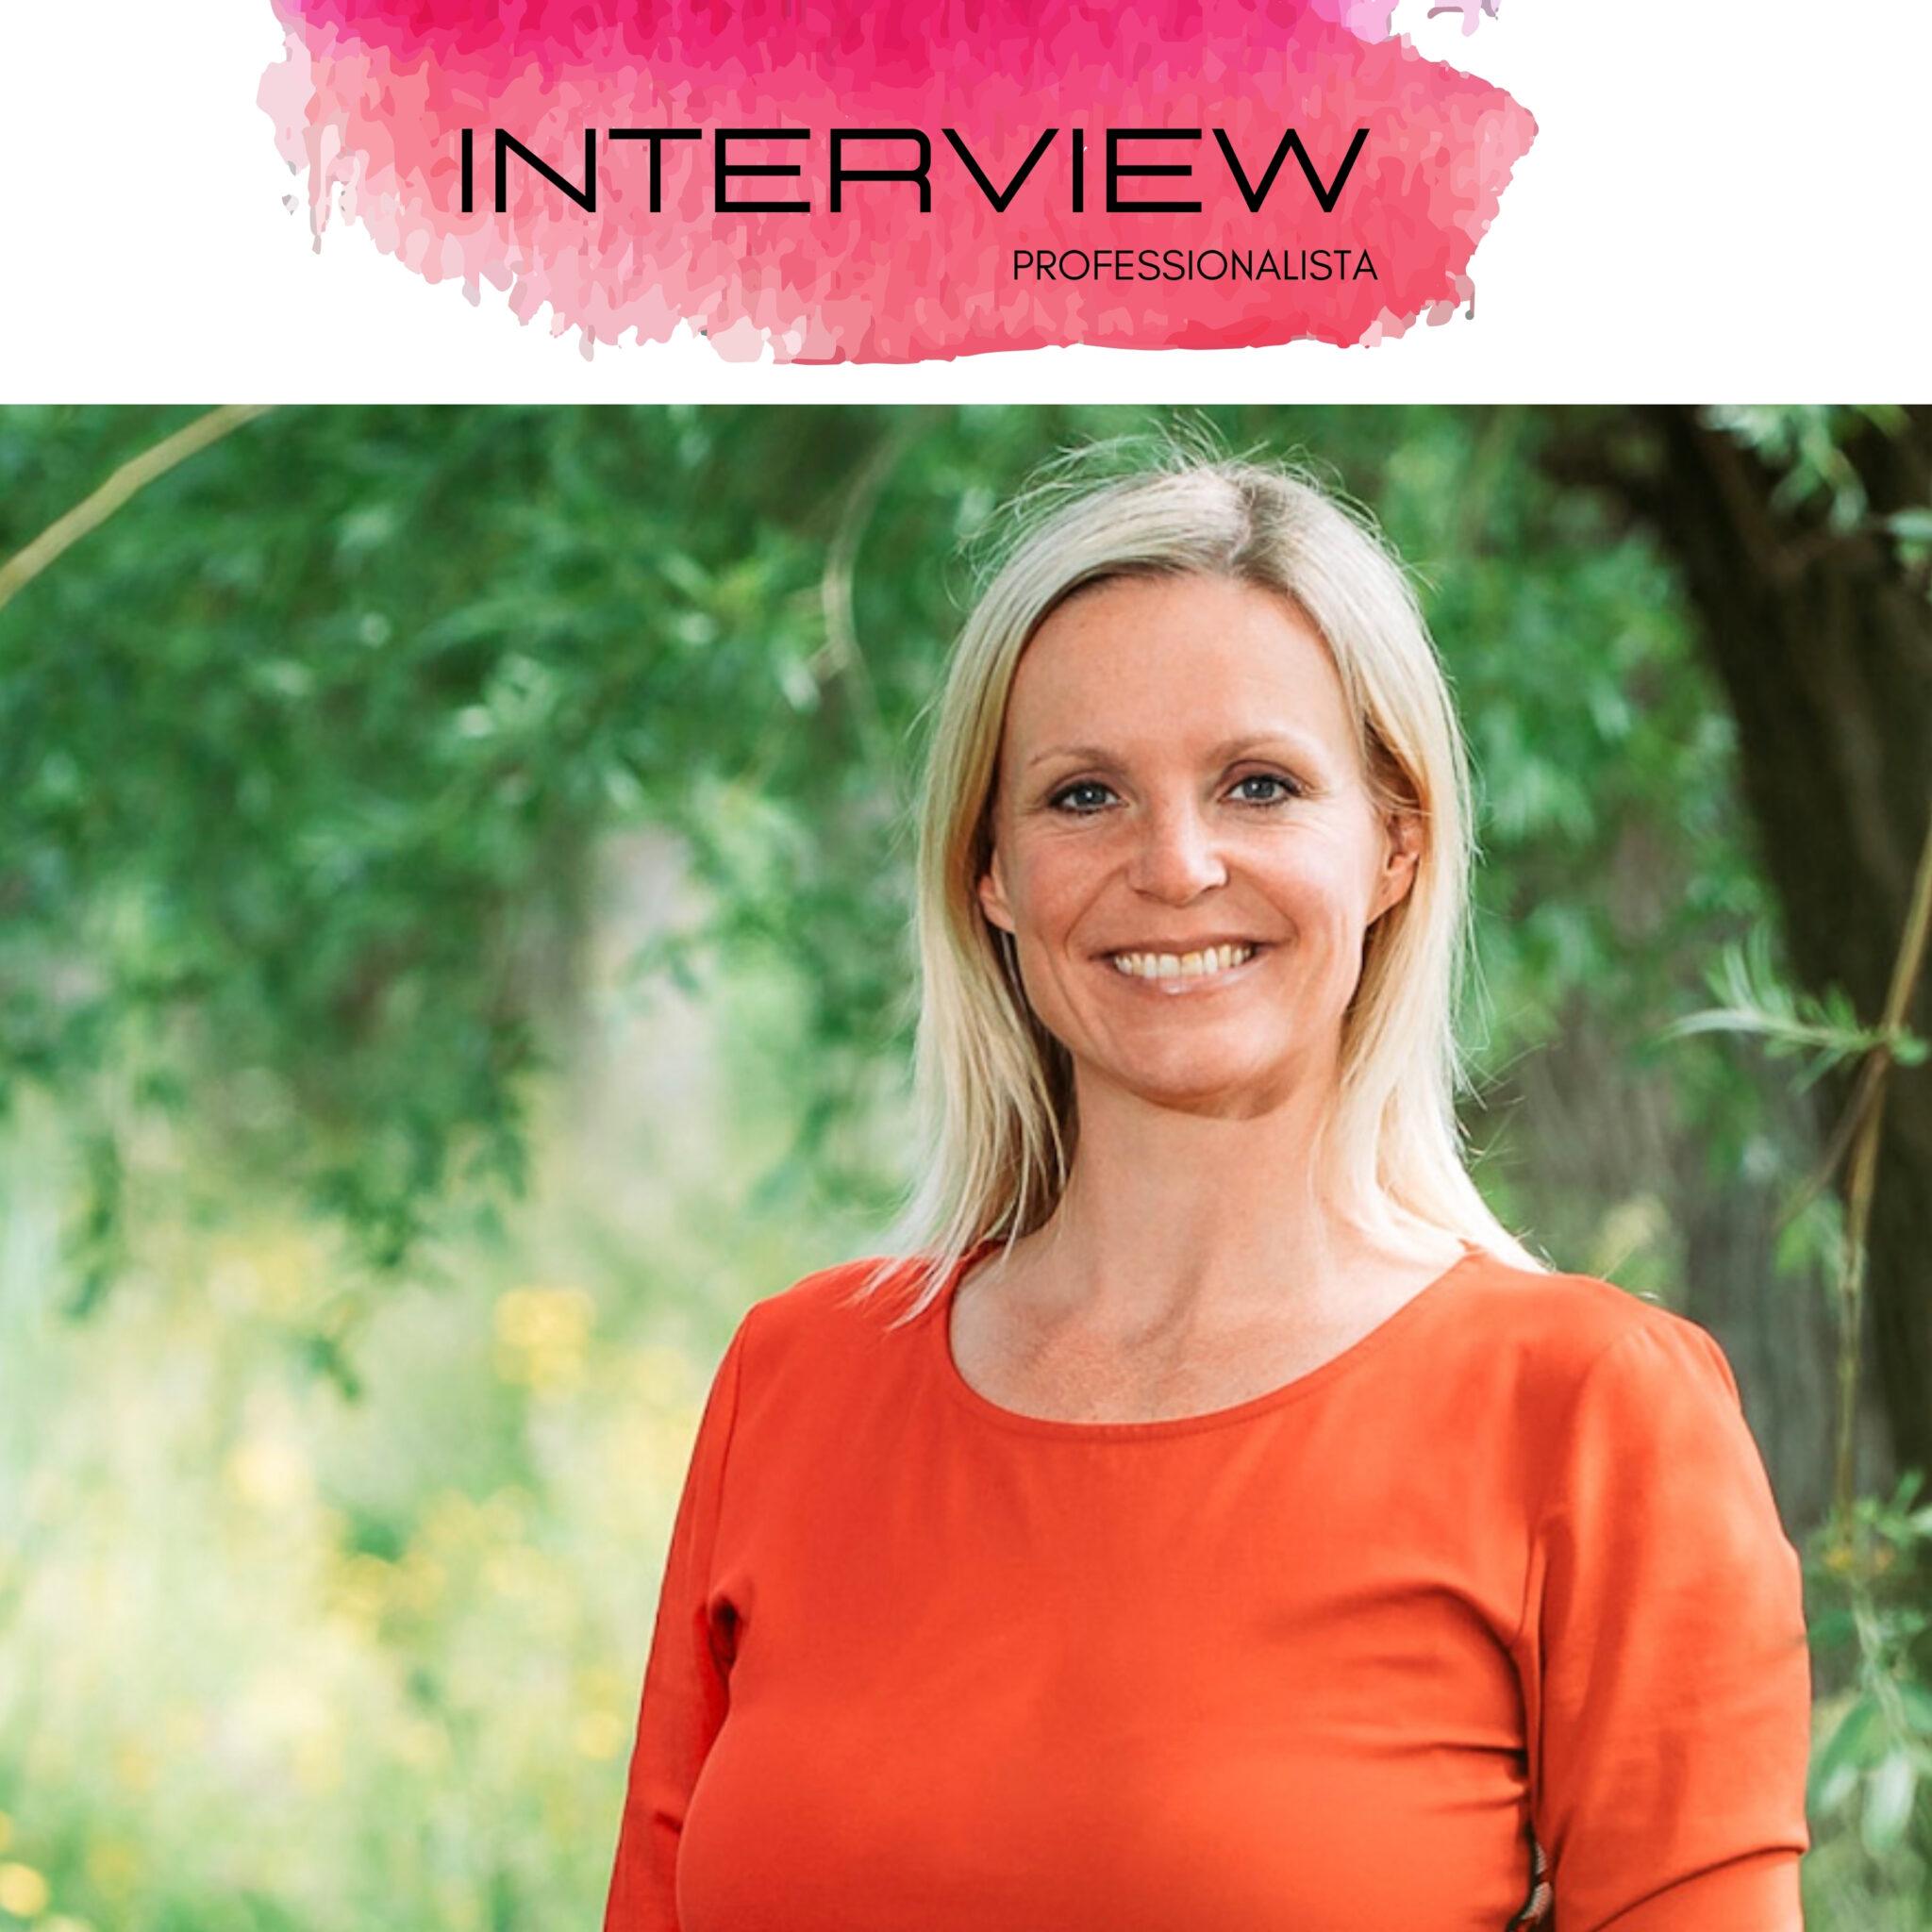 Interview Professionalista Daniëlle Lous